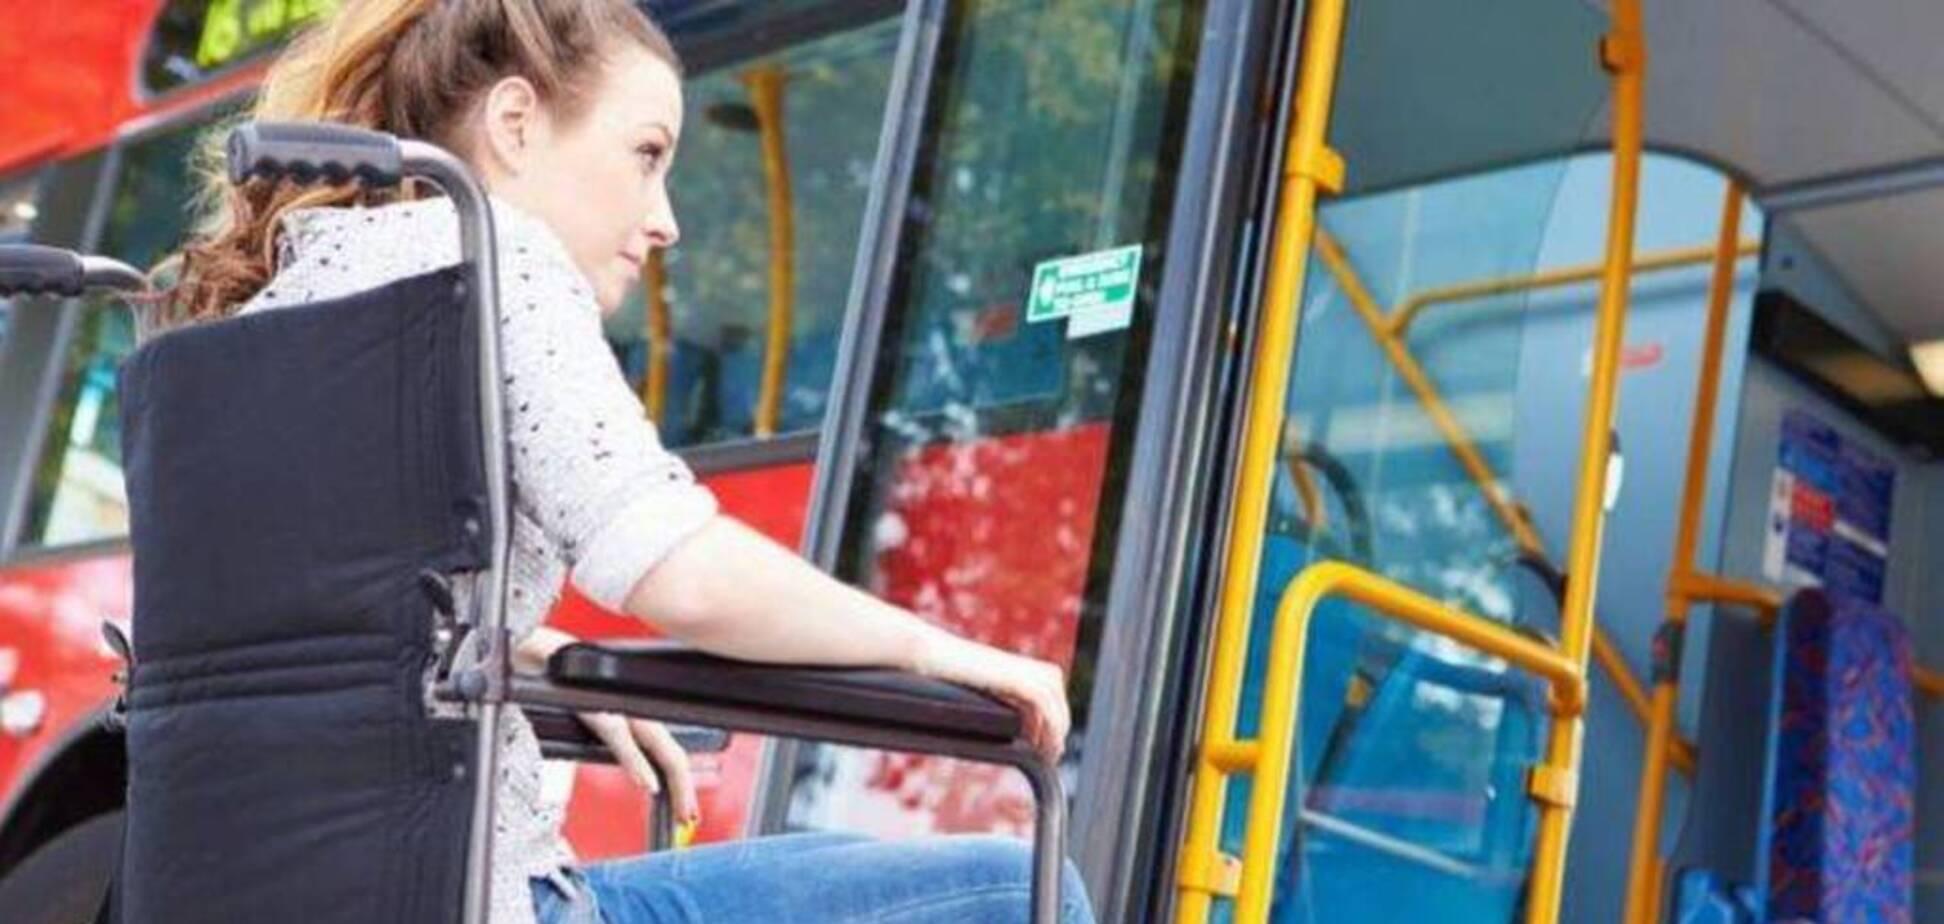 Просила про допомогу: у Дніпрі в маршрутці познущалися над пасажиркою з інвалідністю